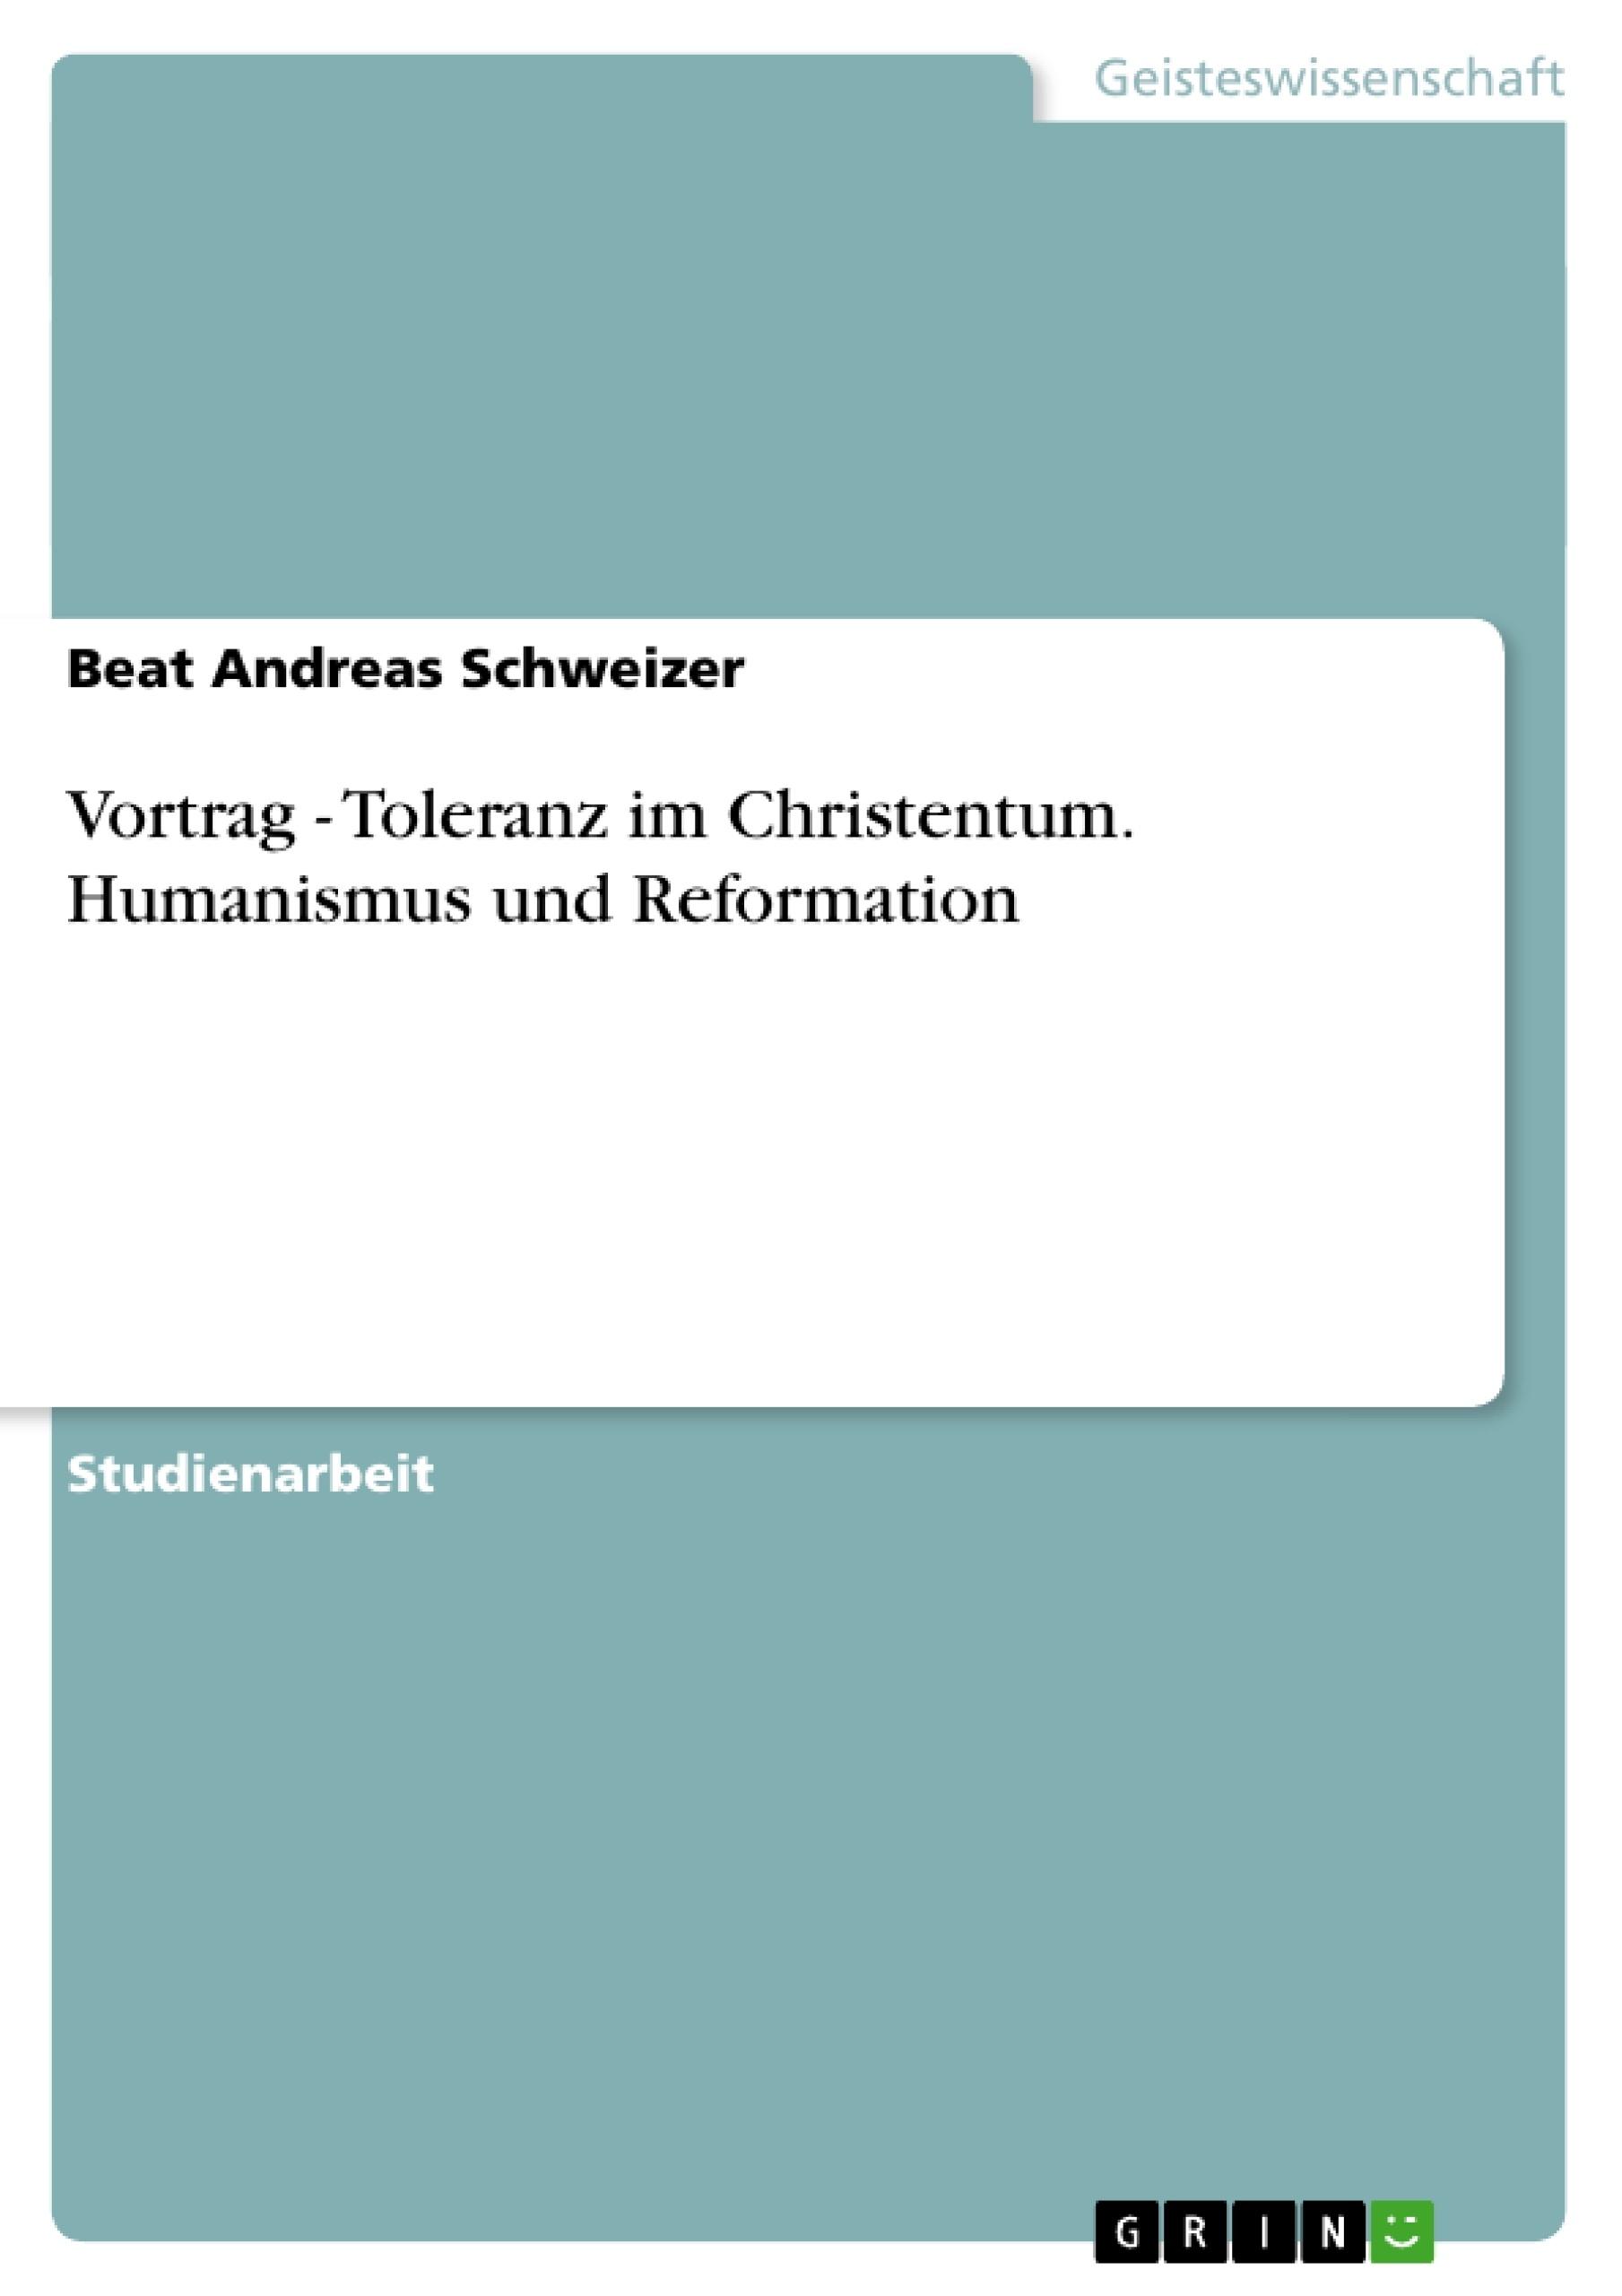 Titel: Vortrag - Toleranz im Christentum. Humanismus und Reformation